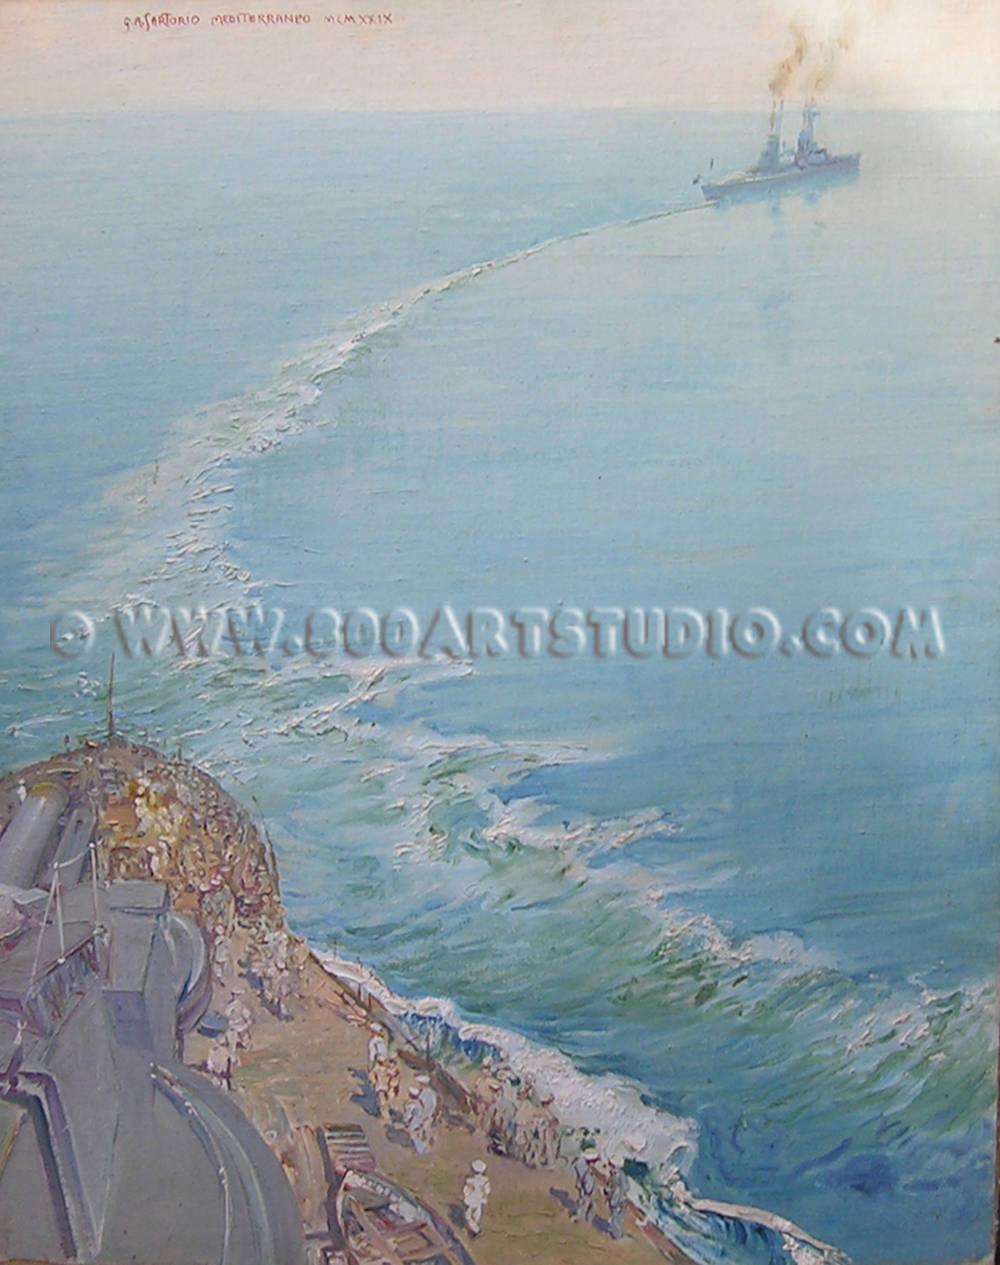 Modenantiquaria 2012 800artstudio vendita dipinti online for Vendita dipinti online